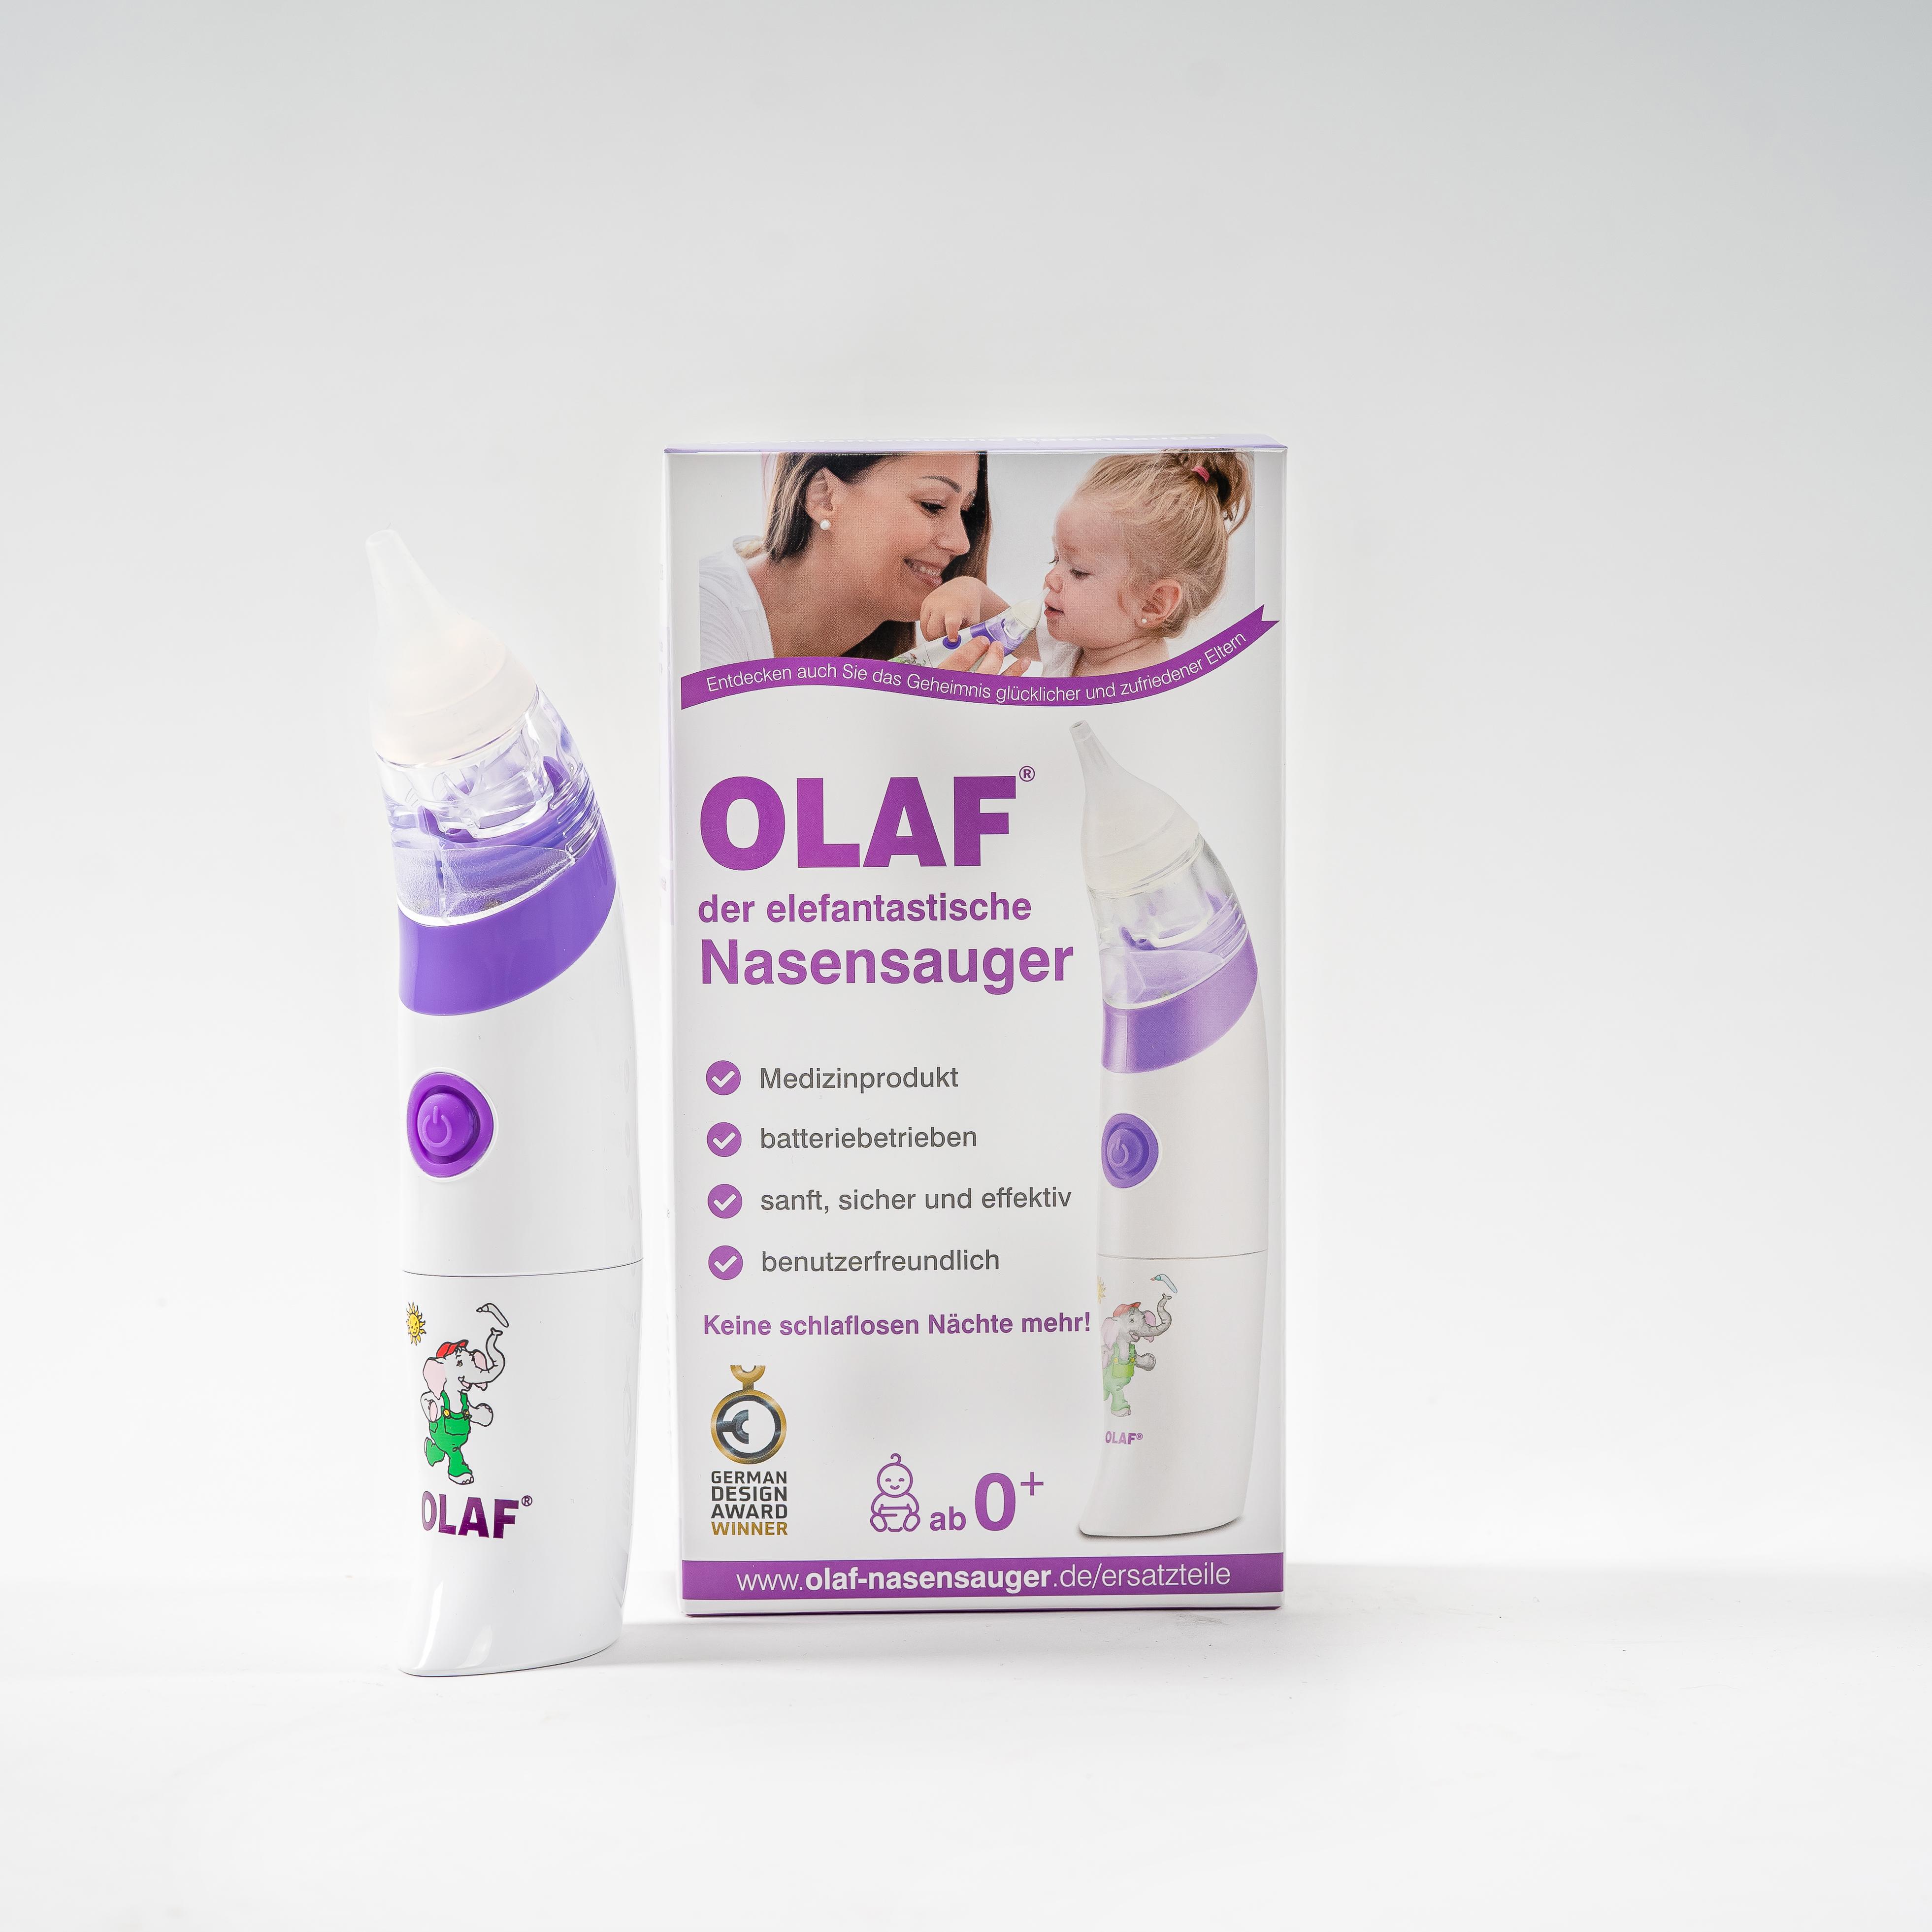 Olaf - der elektrische Nasensauger